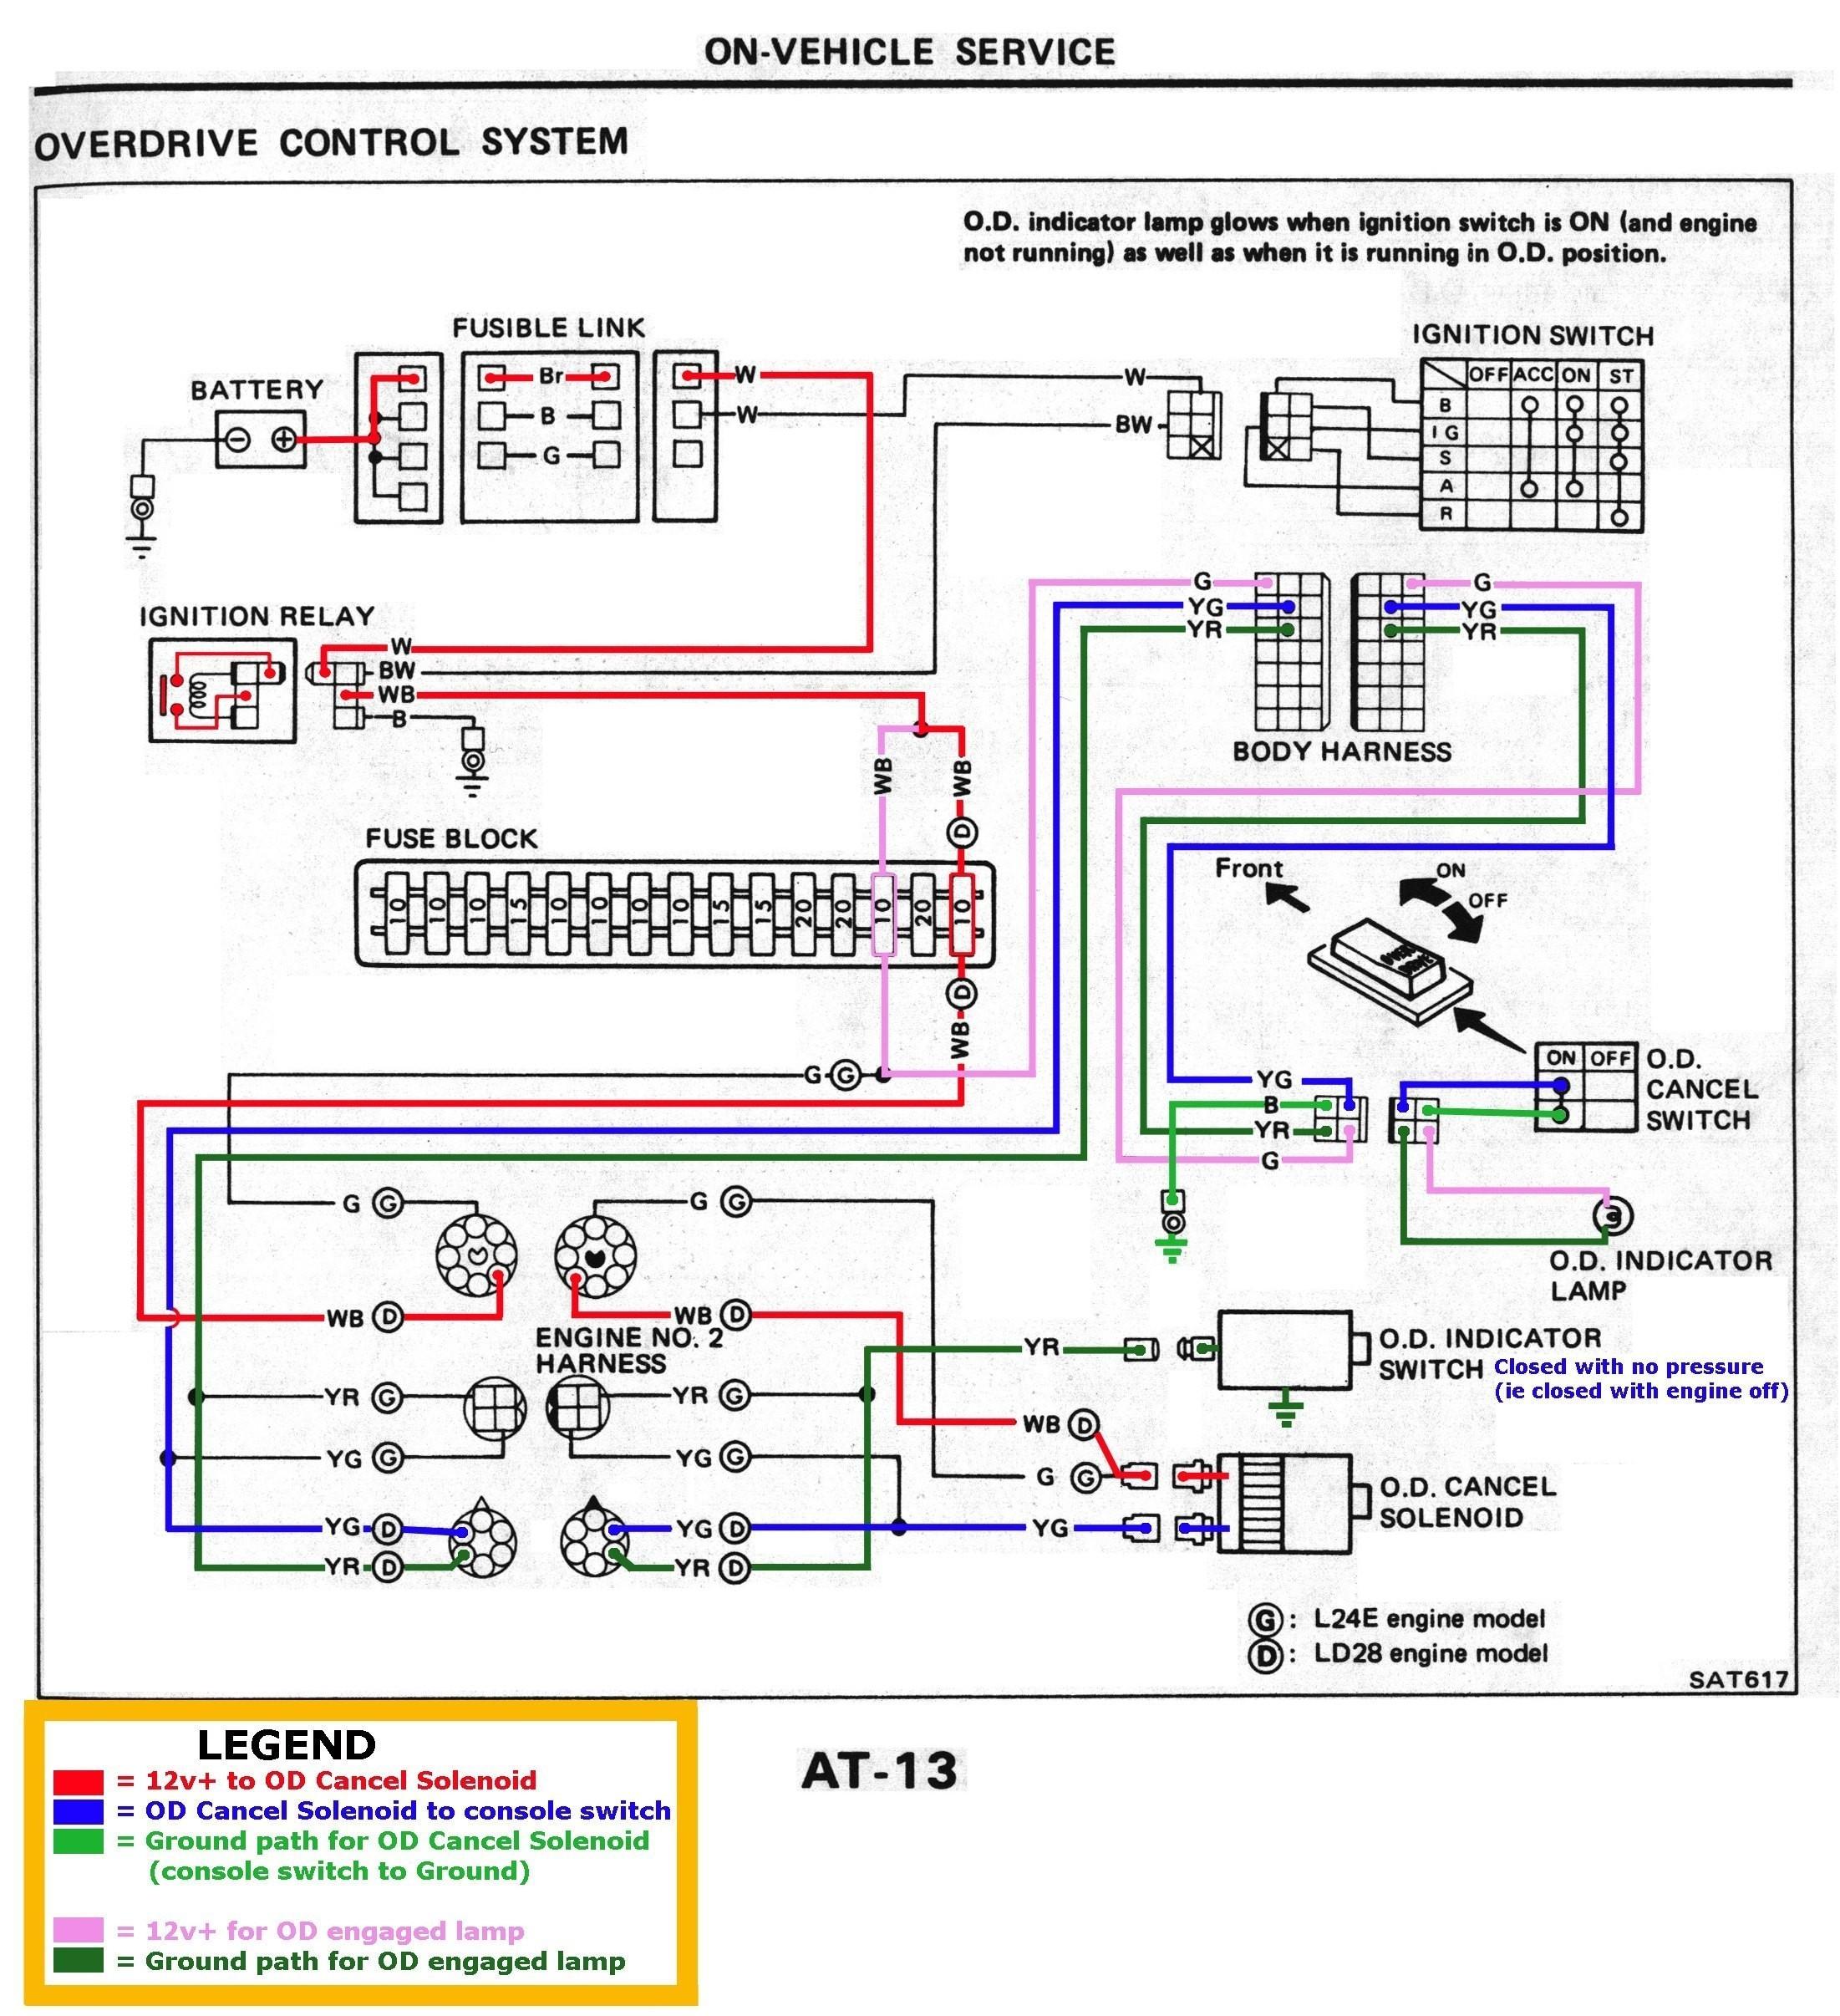 chevy 4 wire alternator wiring diagram new volvo penta marine alternator wiring diagram fresh 3 wire alternator of chevy 4 wire alternator wiring diagram